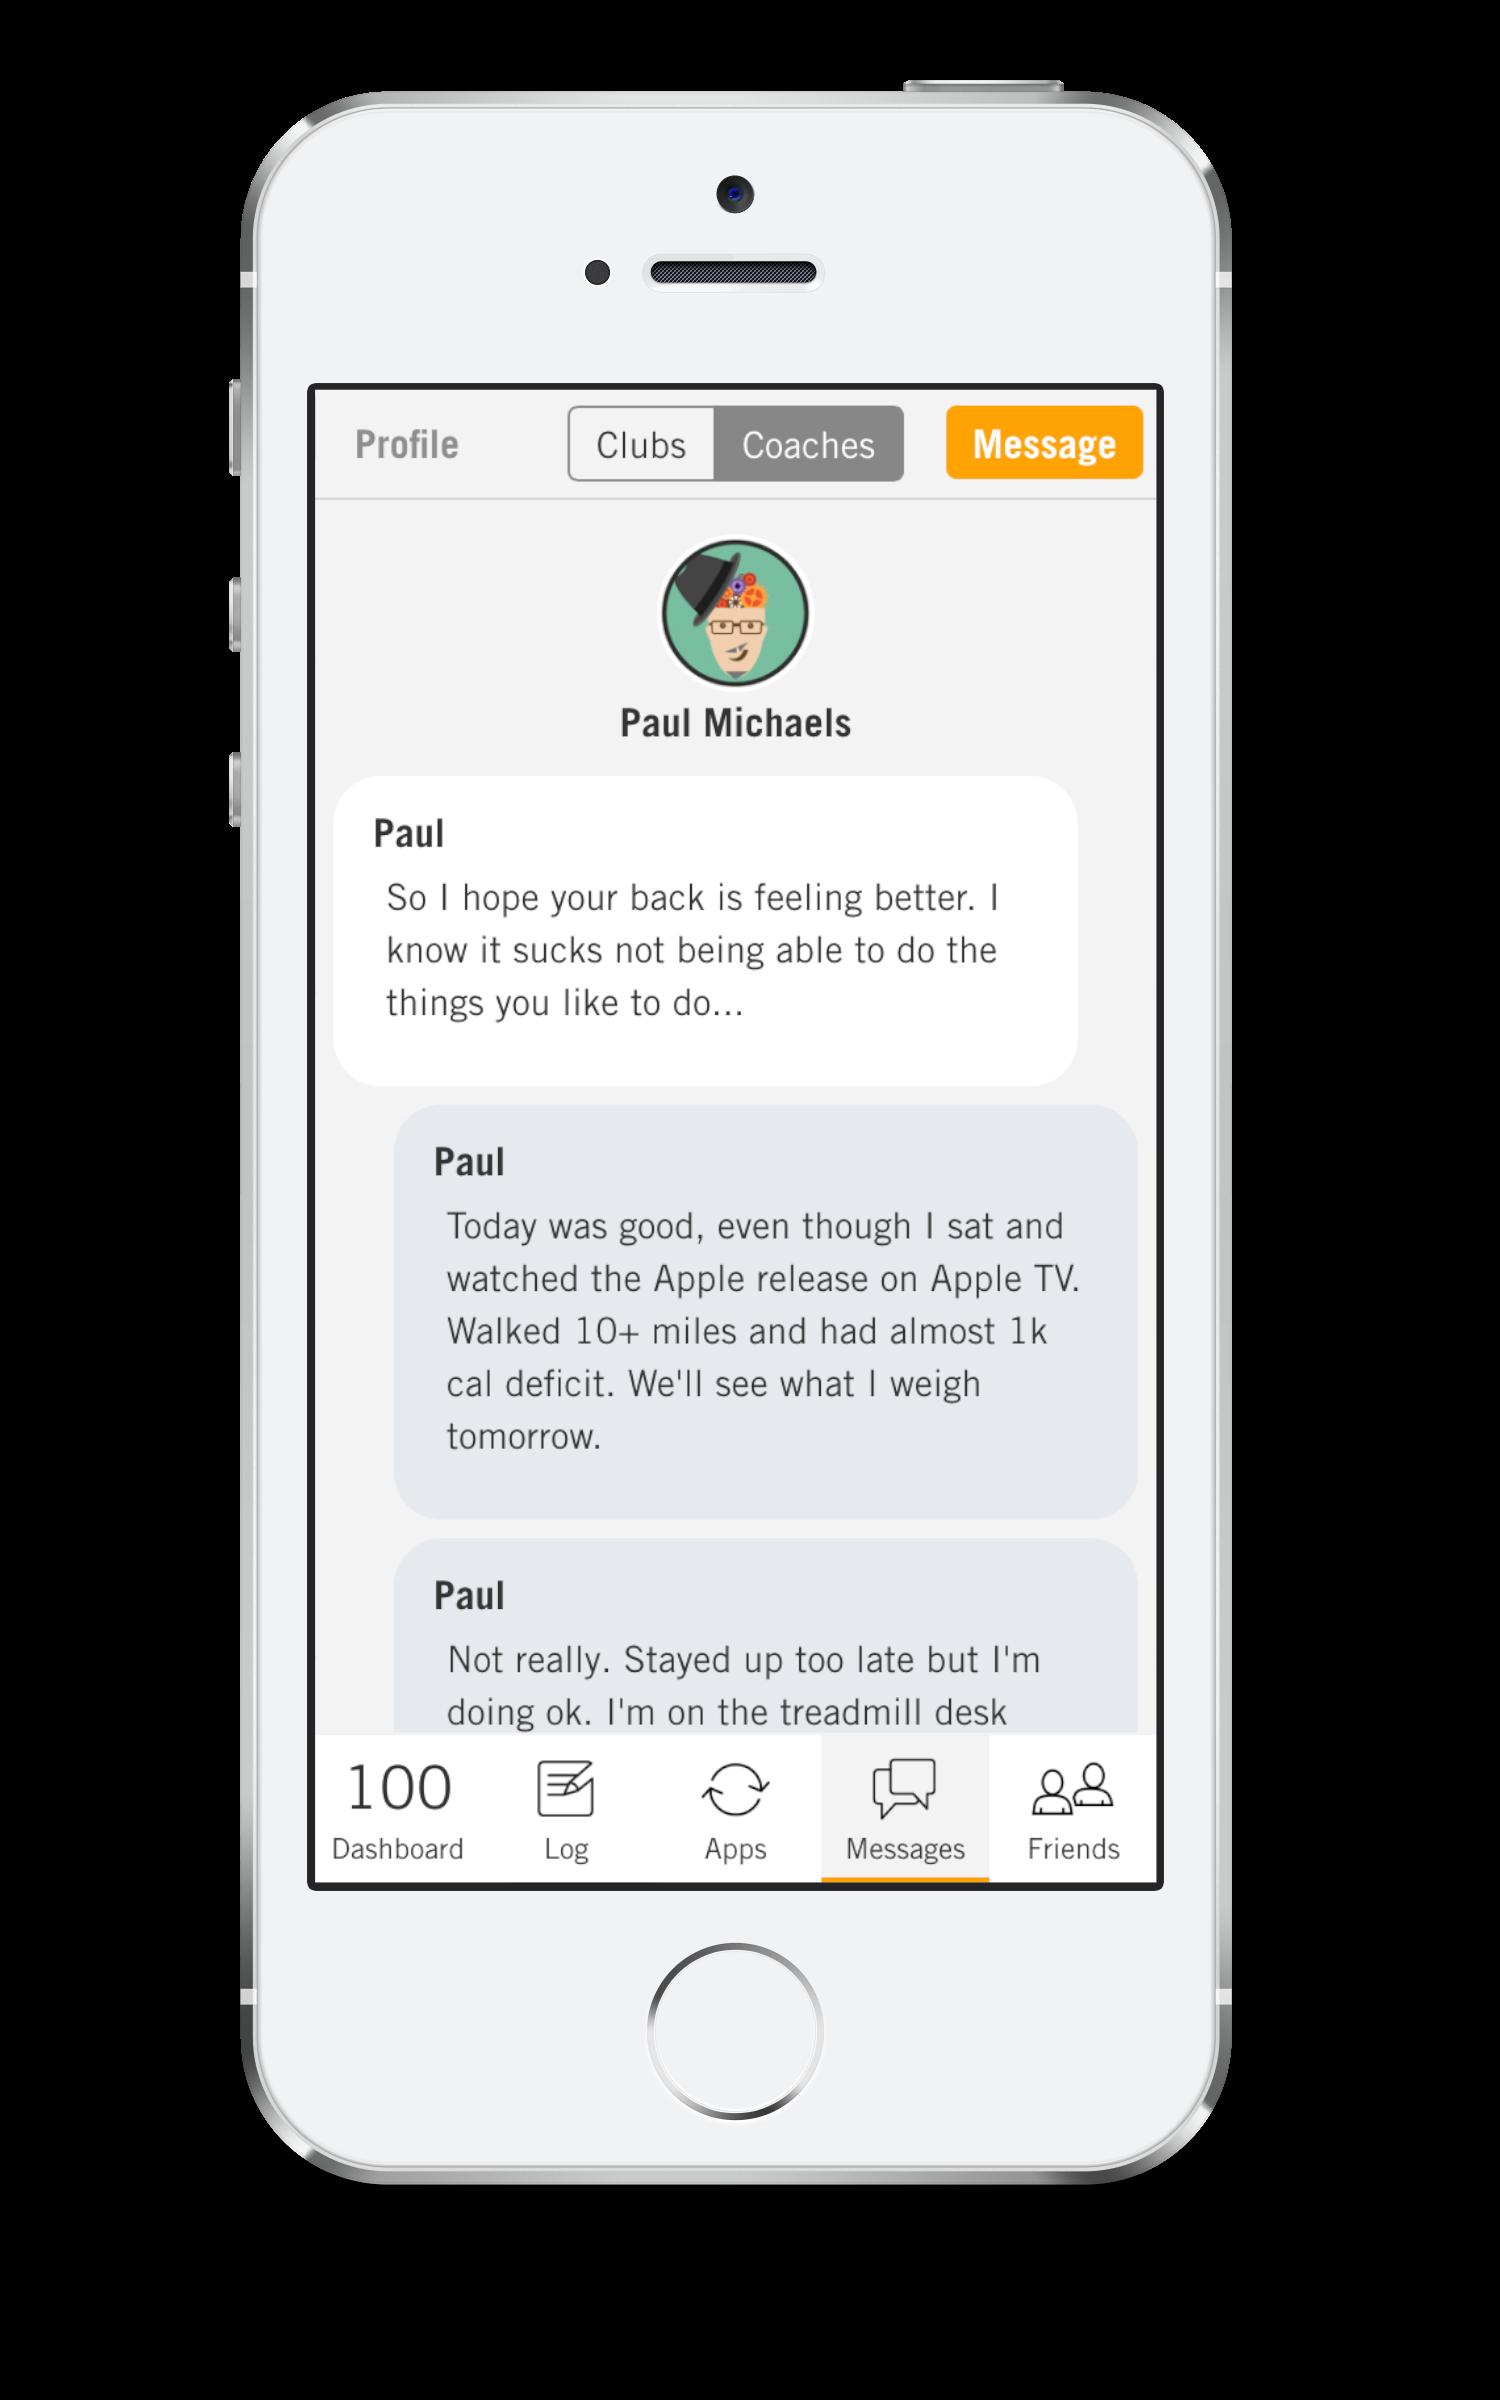 Nudge App Messaging